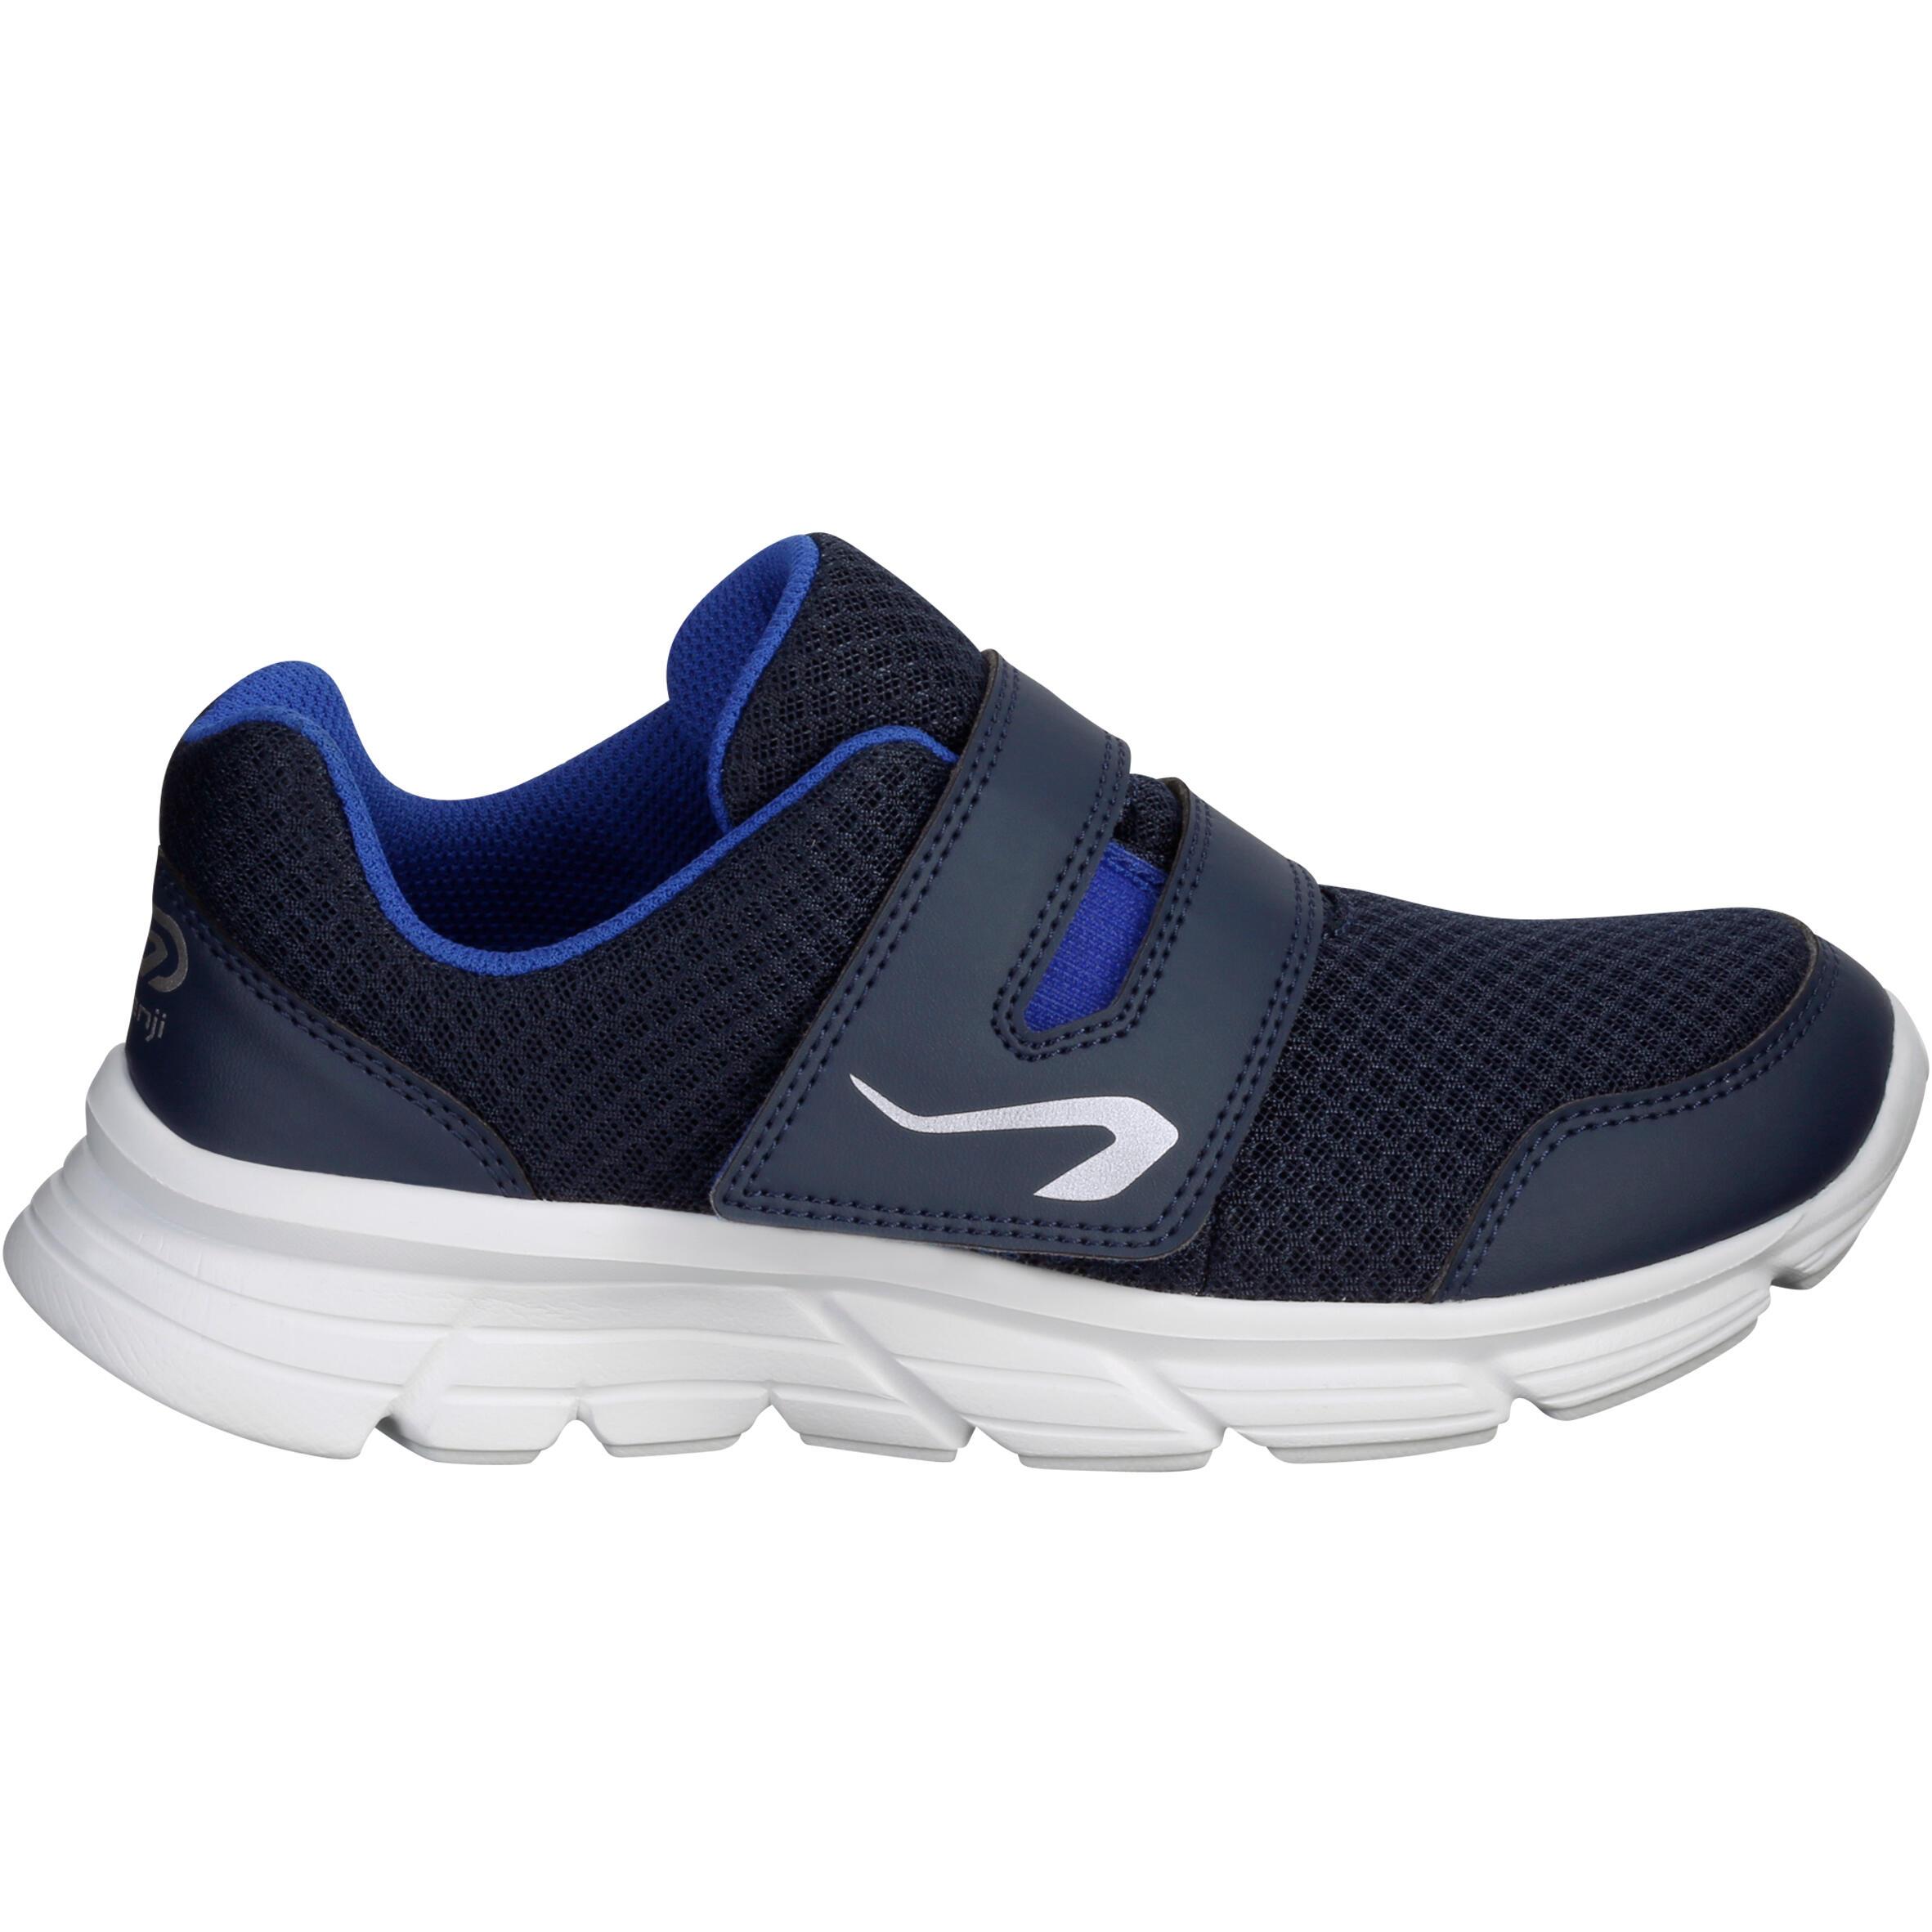 aab5dad65c3 Comprar calzado deportivo para niños y bebés online